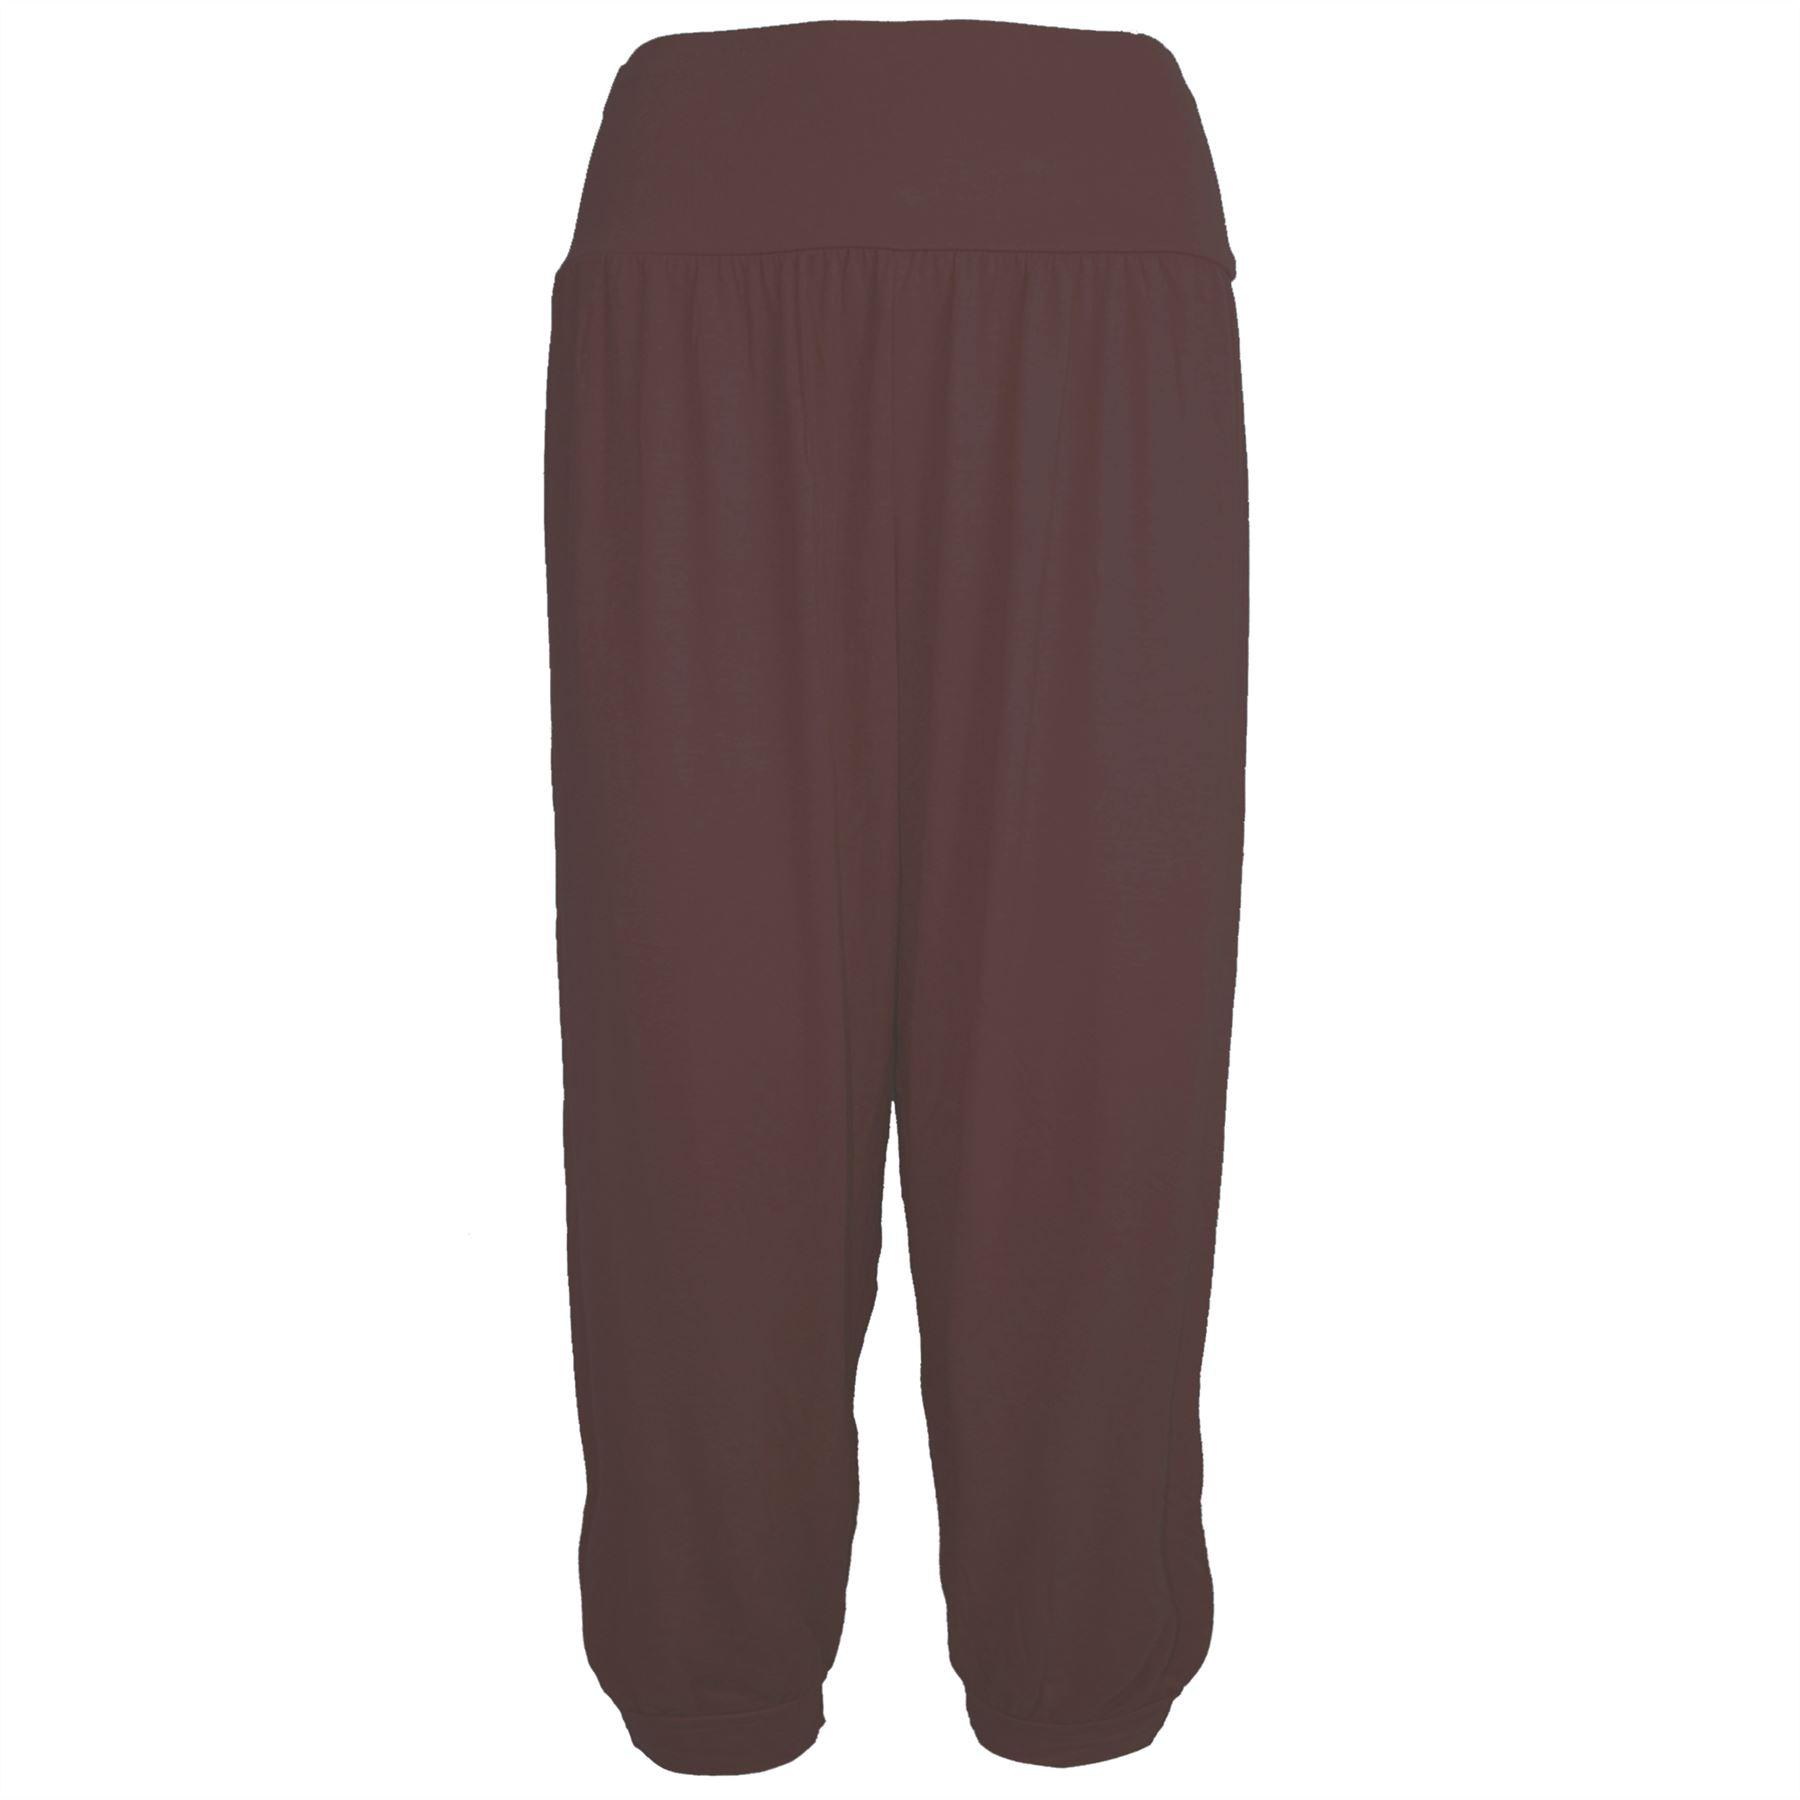 Womens Ladies Plain 3/4 Ali Baba Cuffed Harem Baggy Loose Leggings Trouser Pants